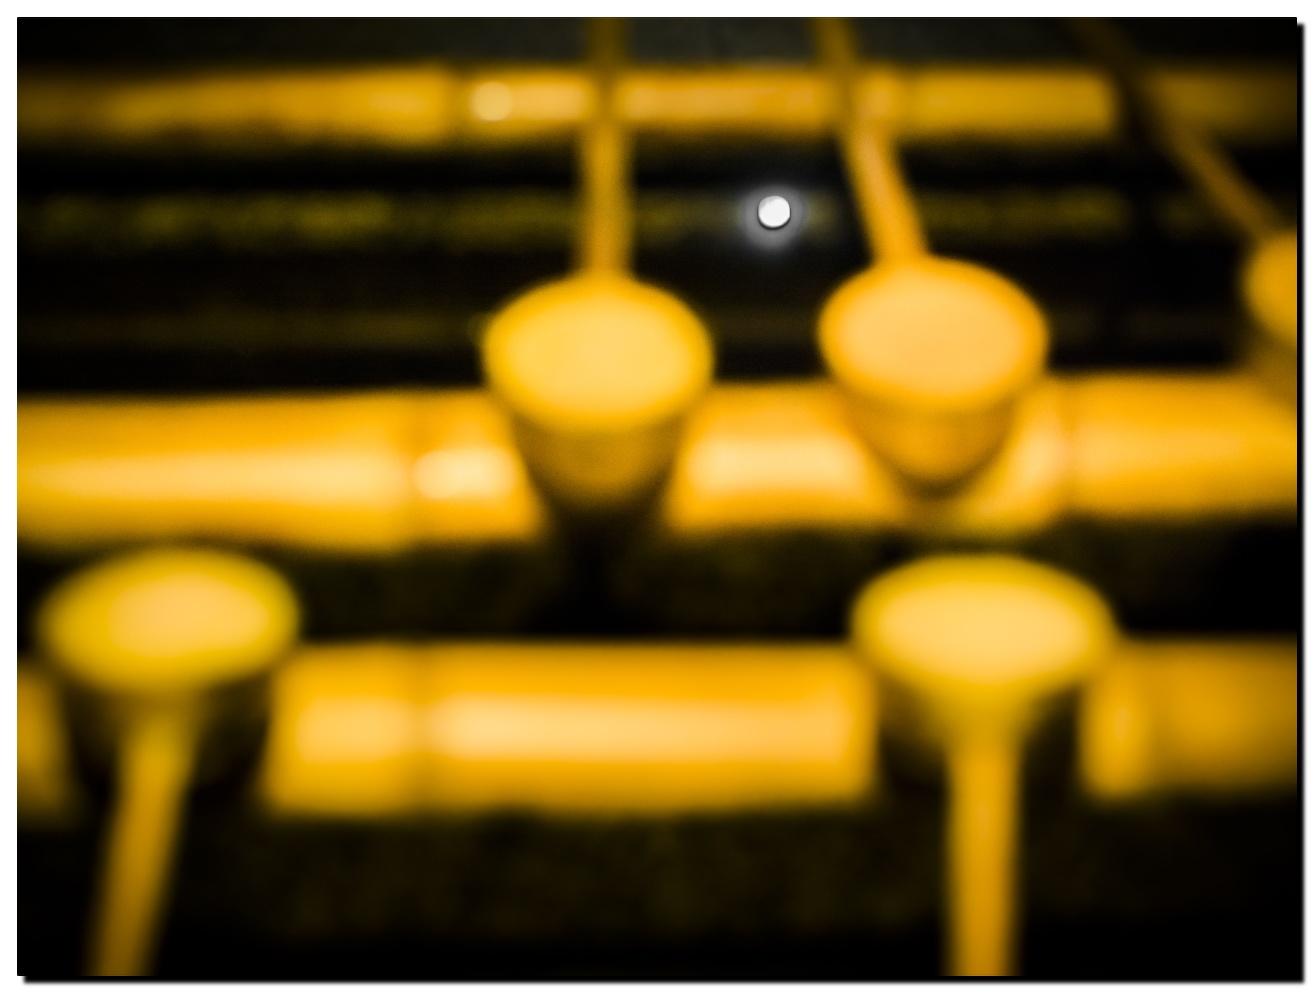 05LR6-_F152189-3.jpg